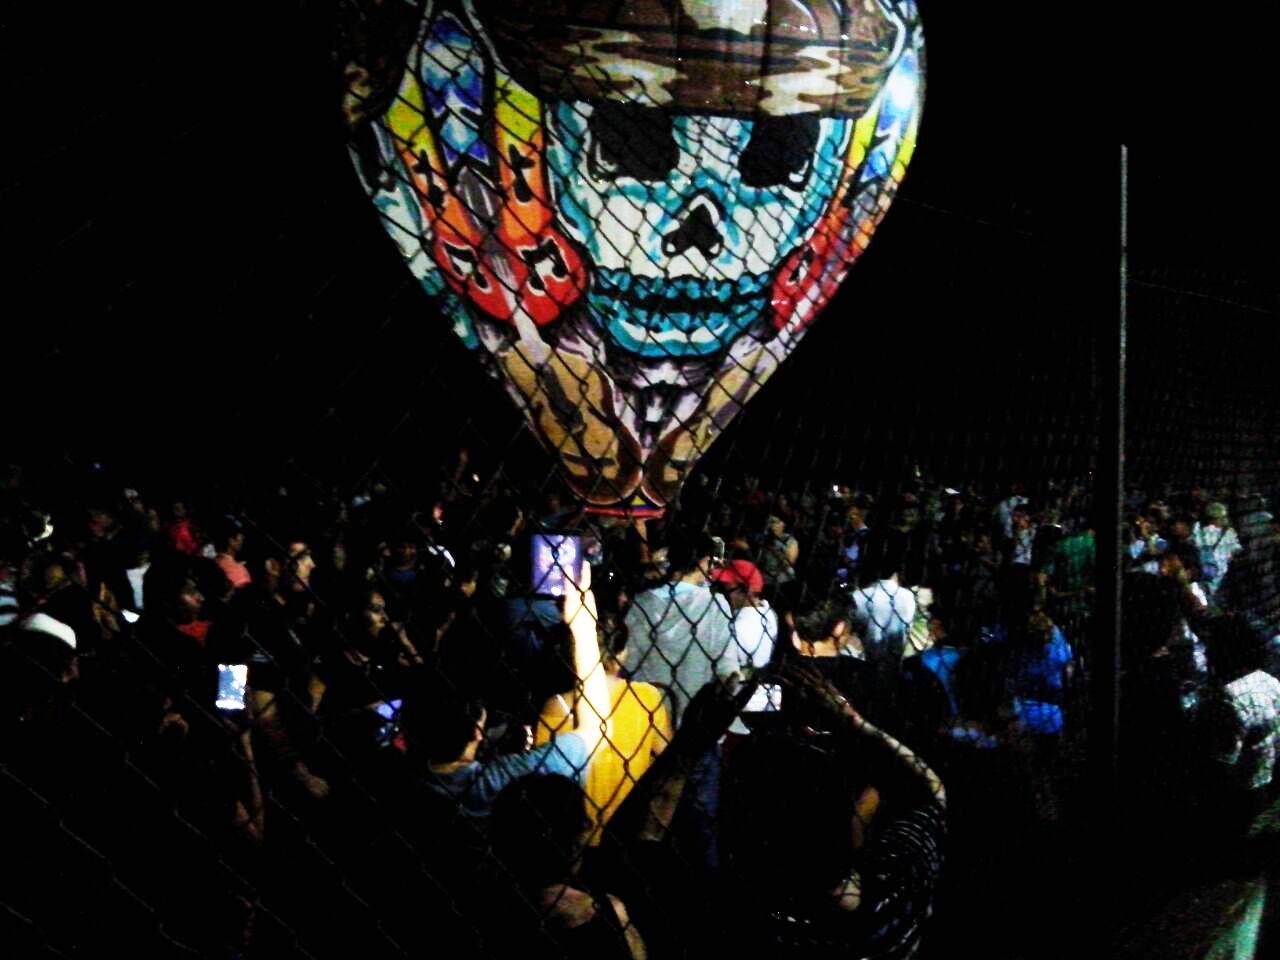 Festival de Globos de Tahmek convoca con éxito a yucatecos